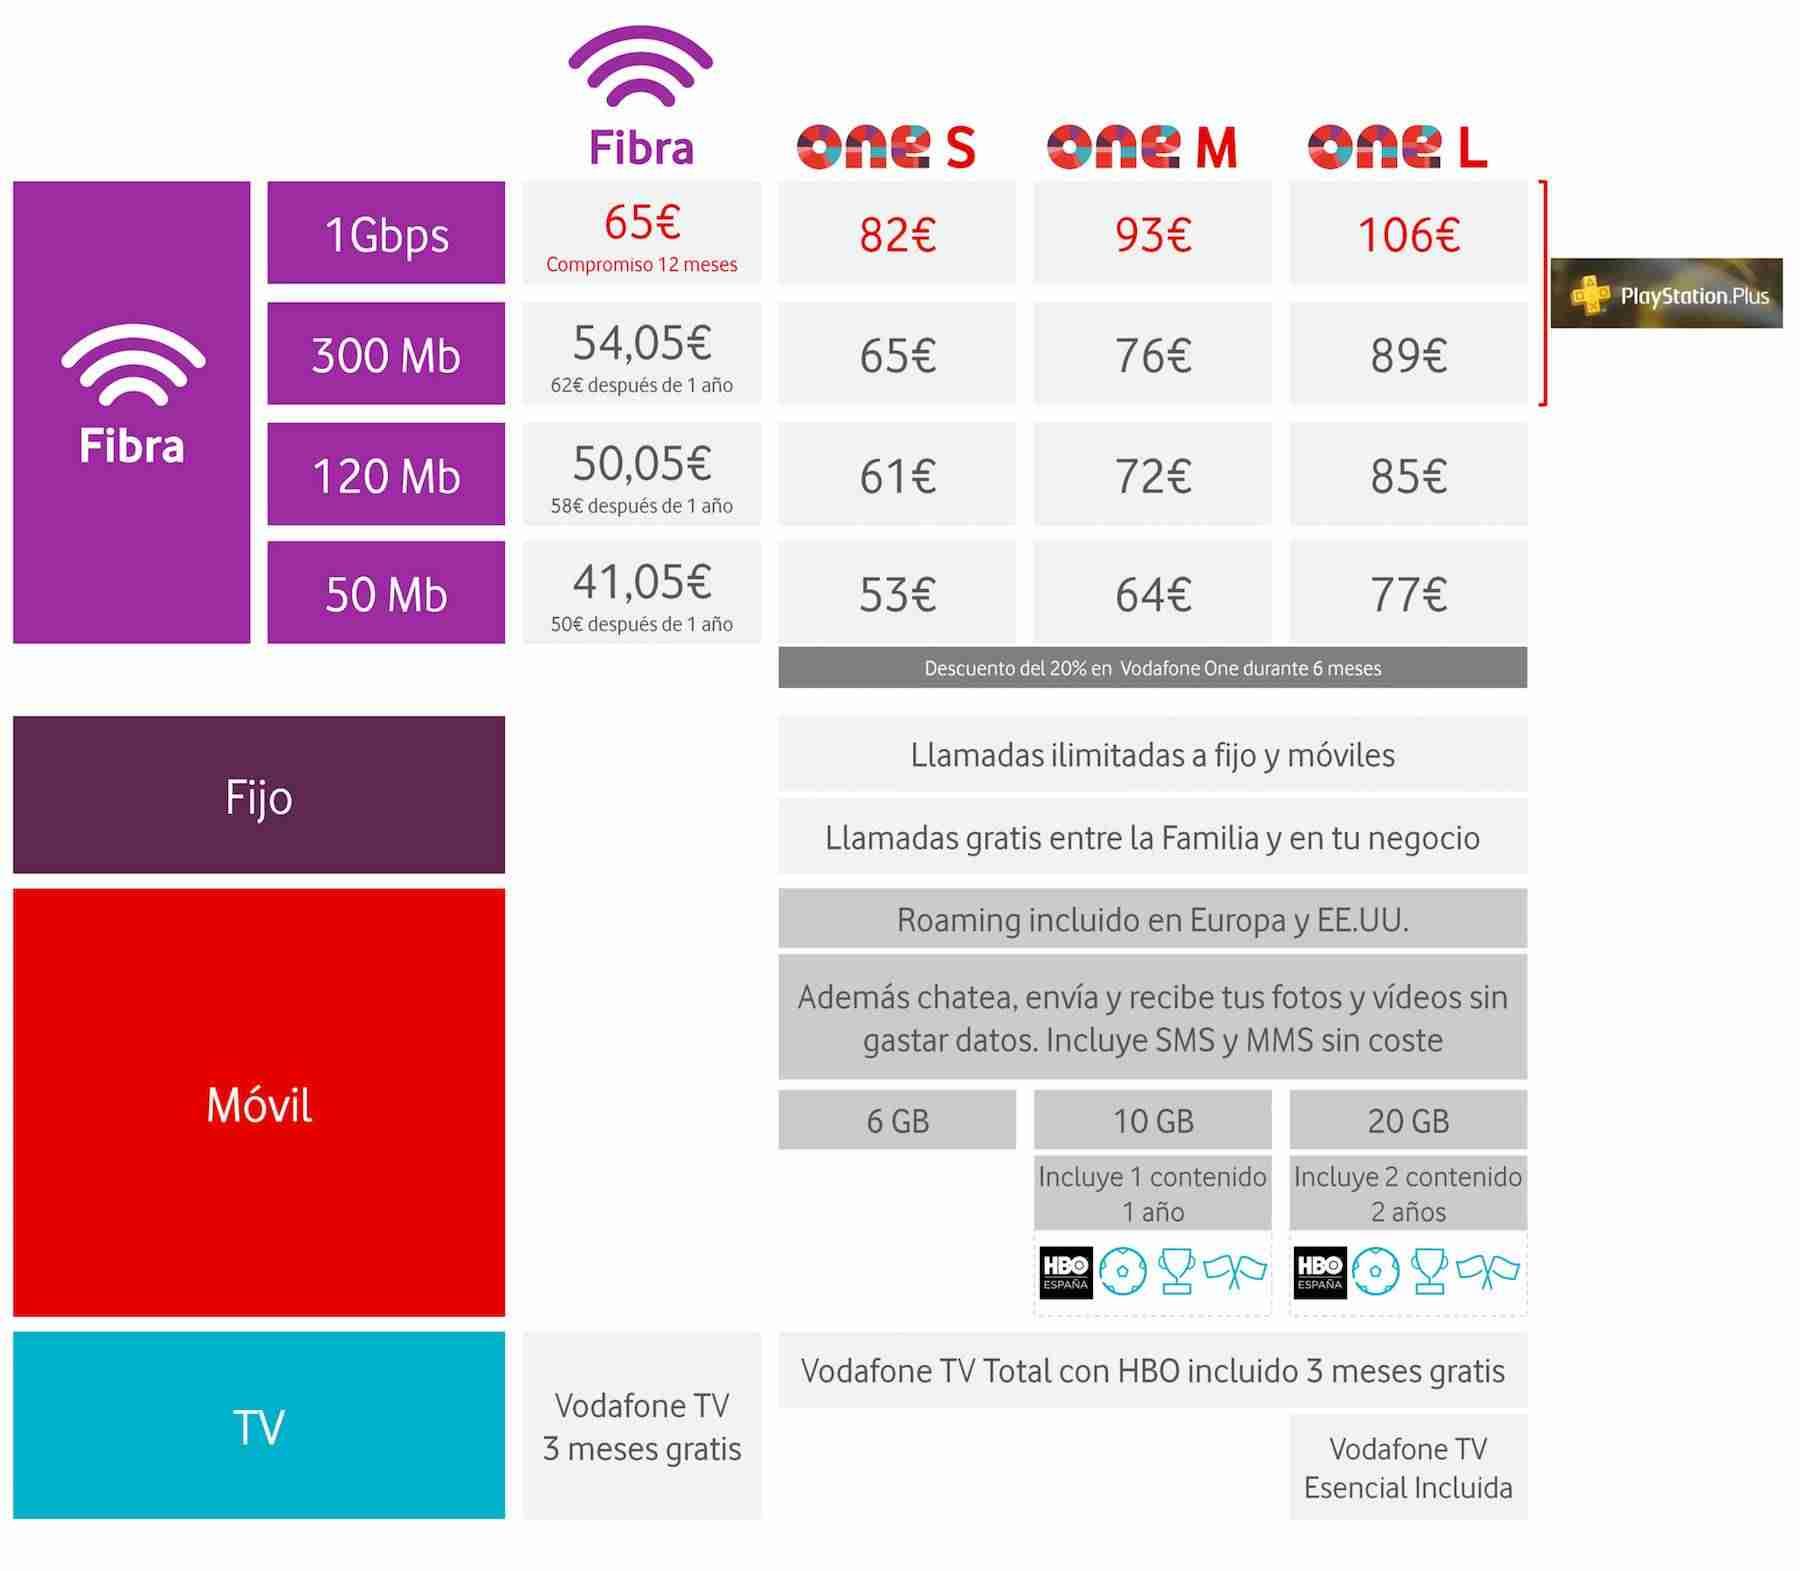 Comparativa de Tarifas vodafone España con 1 Gpbs